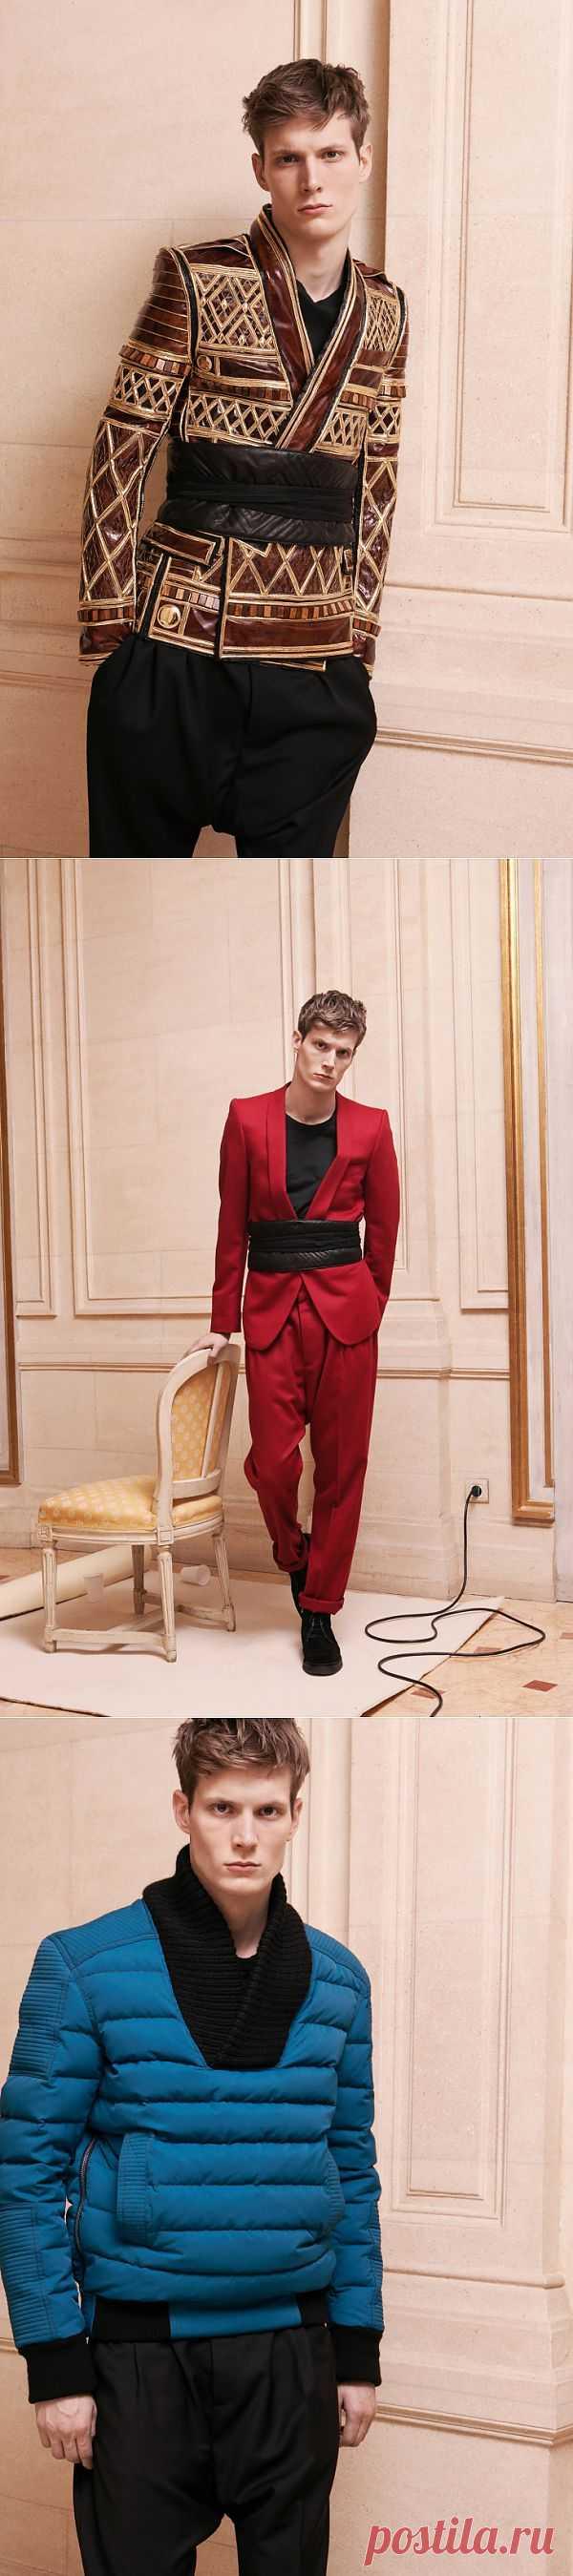 Поднебесная... Balmain MensWear Fall 2013 / Мужская мода / Модный сайт о стильной переделке одежды и интерьера